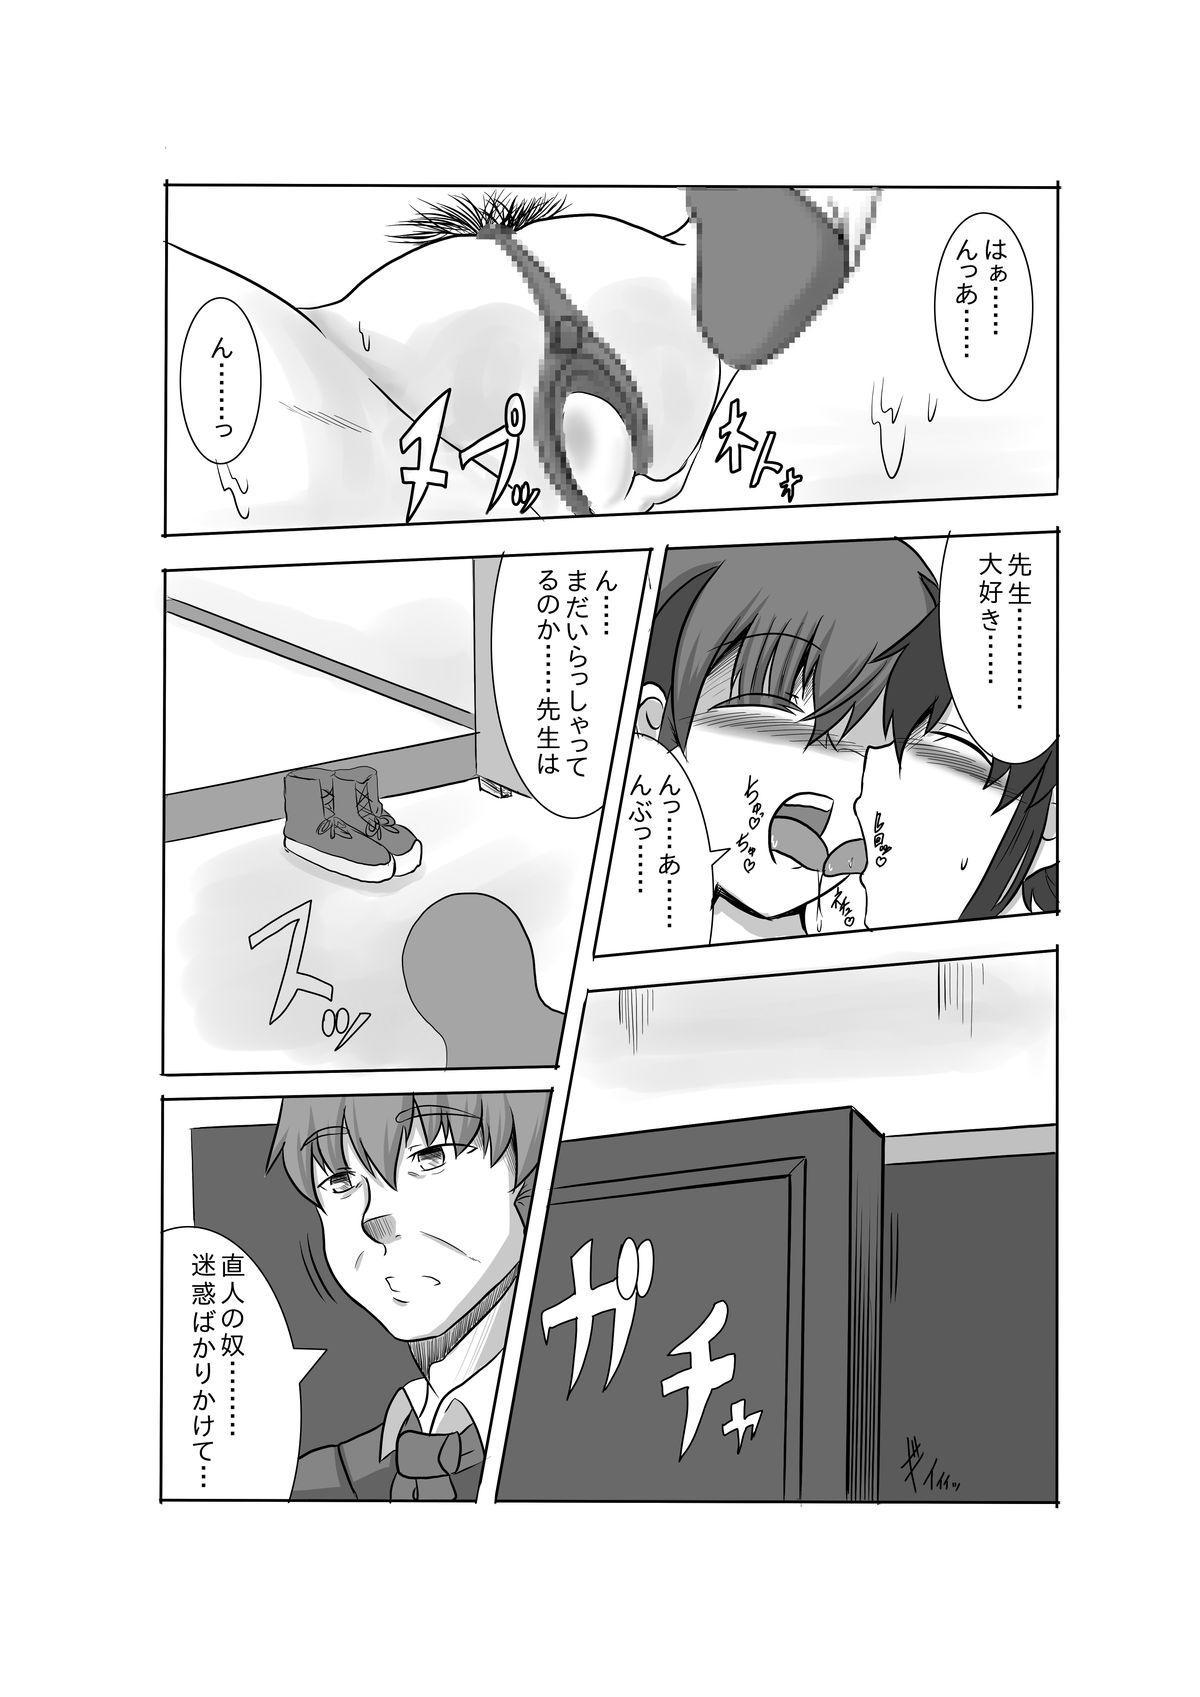 Kano Shota 2 34